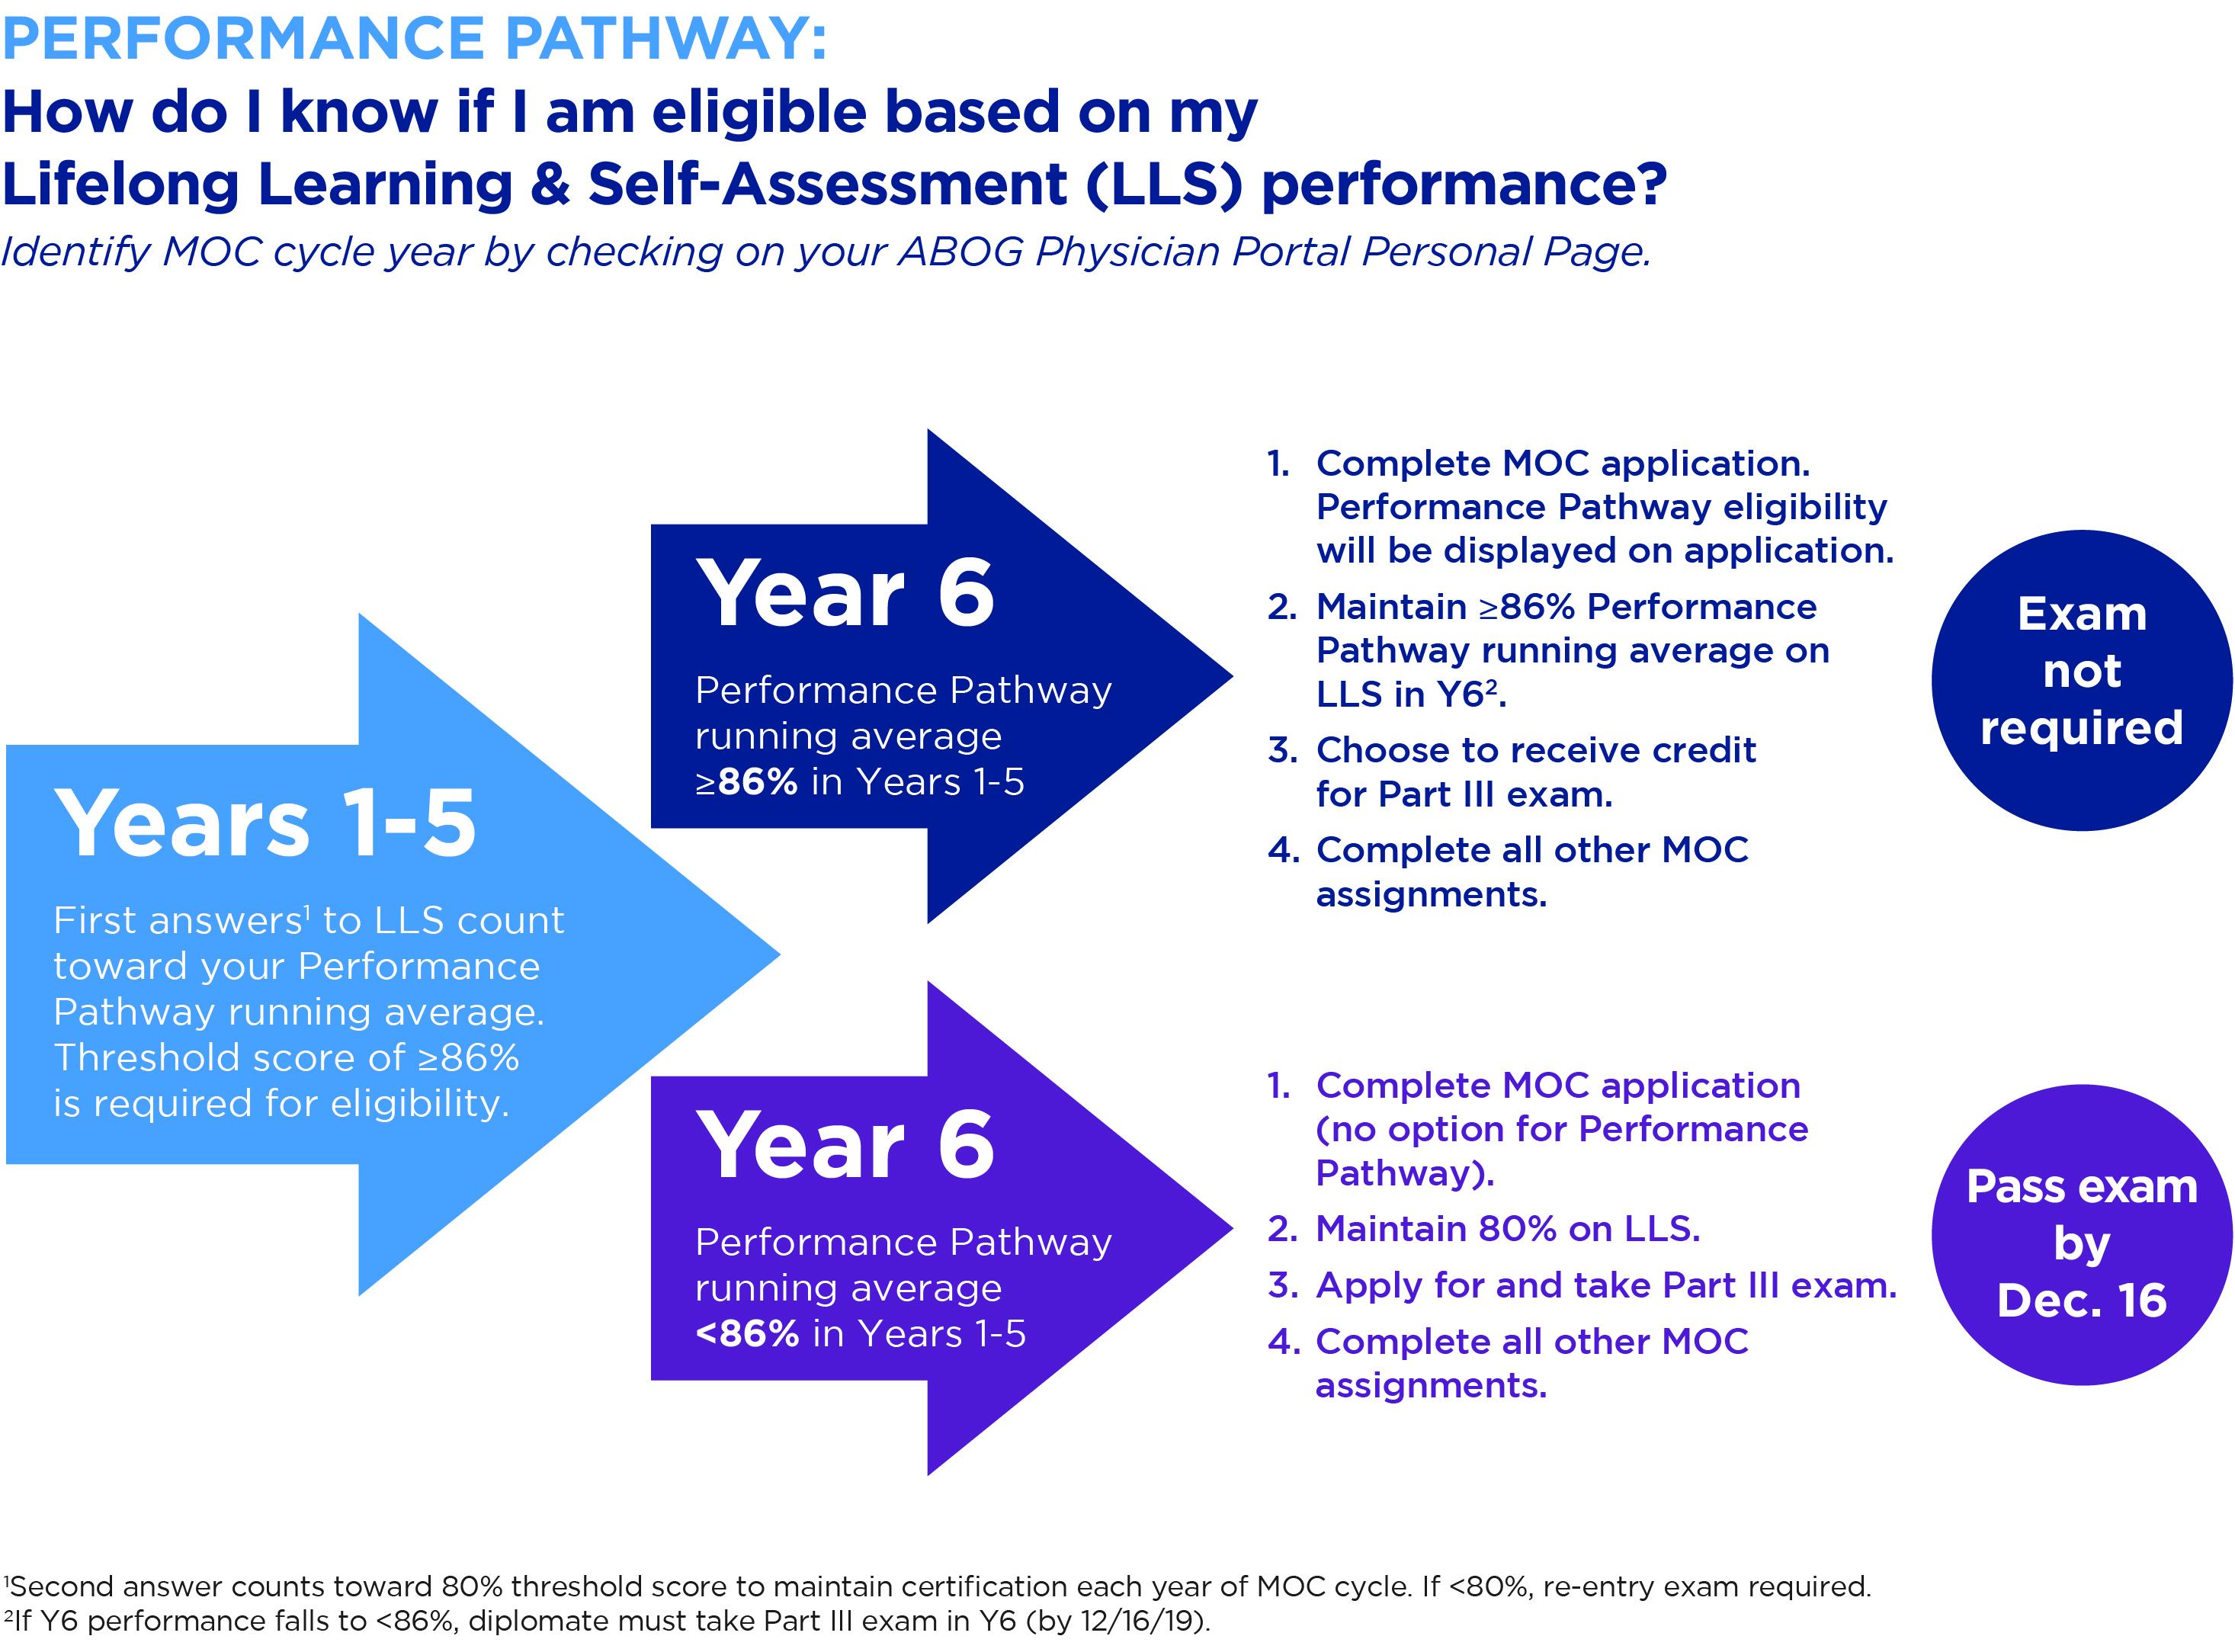 Chart explaining Performance Pathway